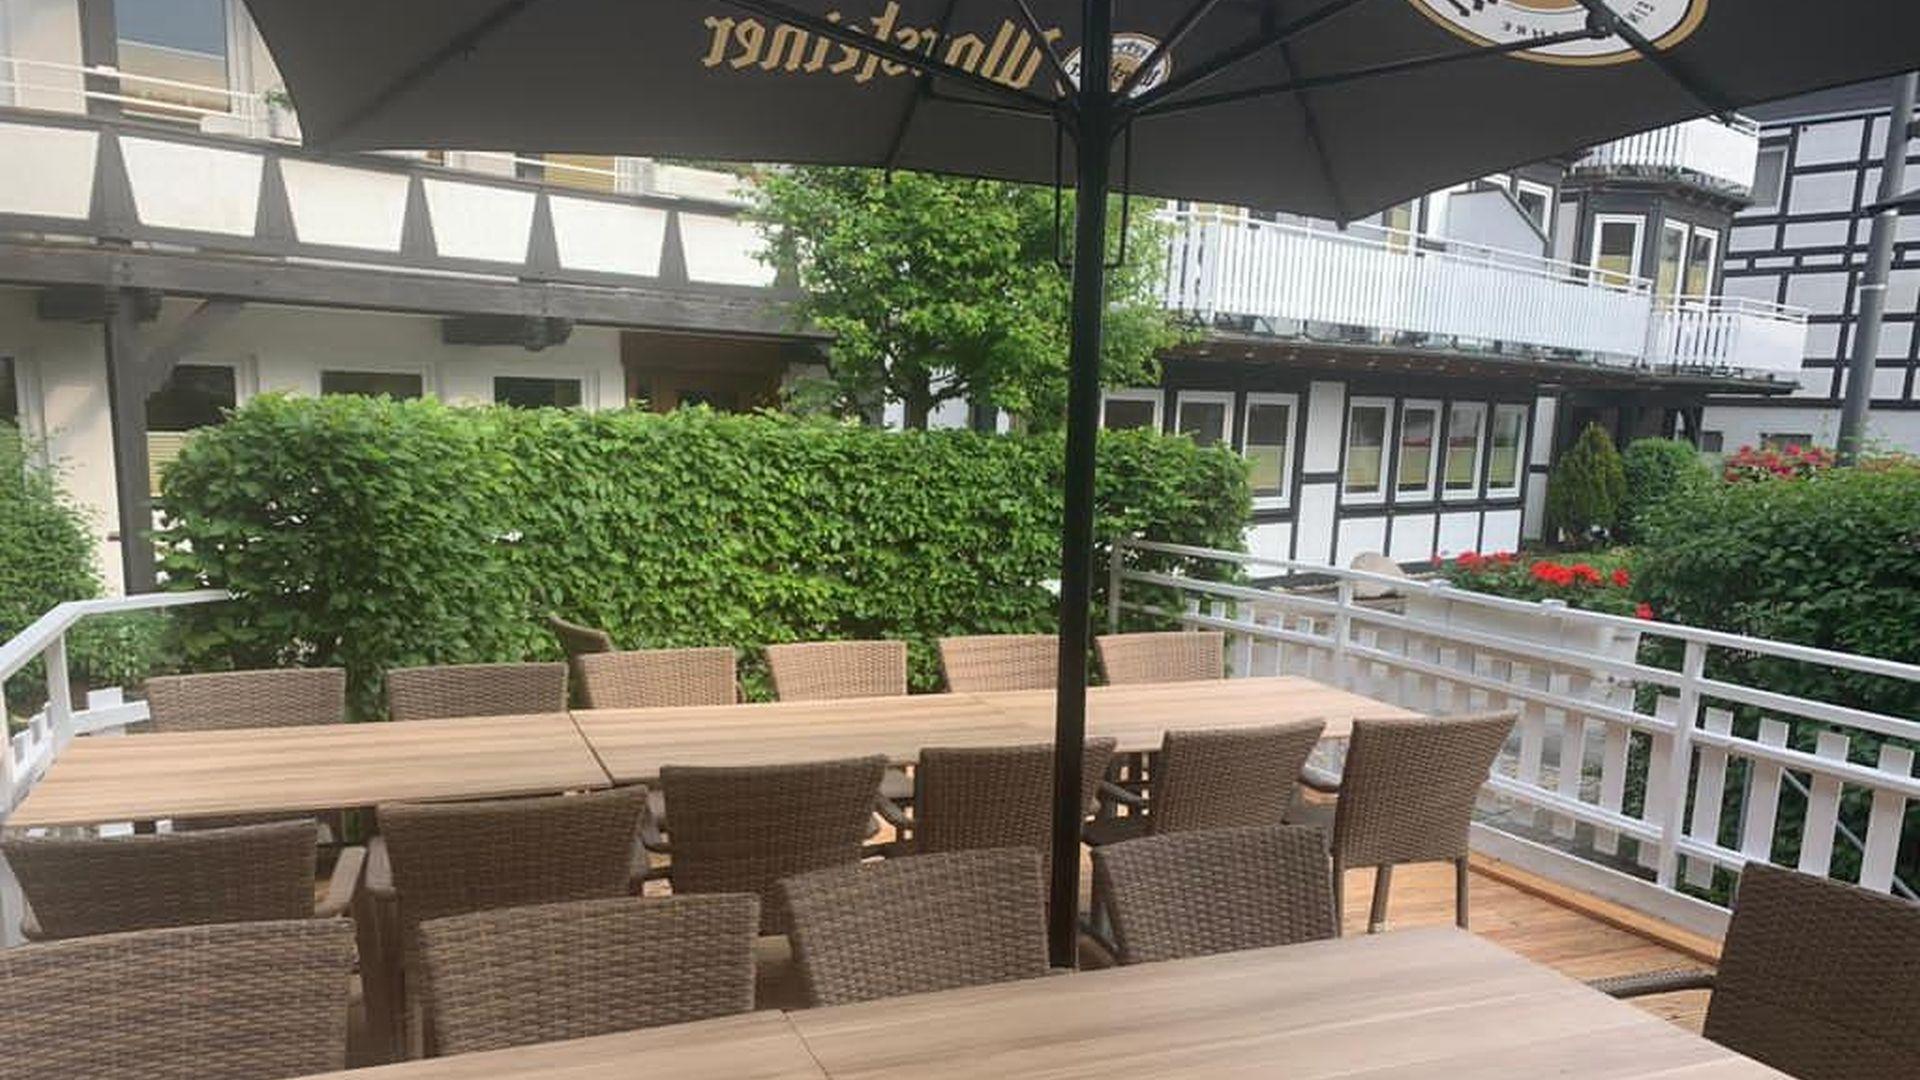 baustellendokumentation-renovierung-terrasse-hotelzimmer